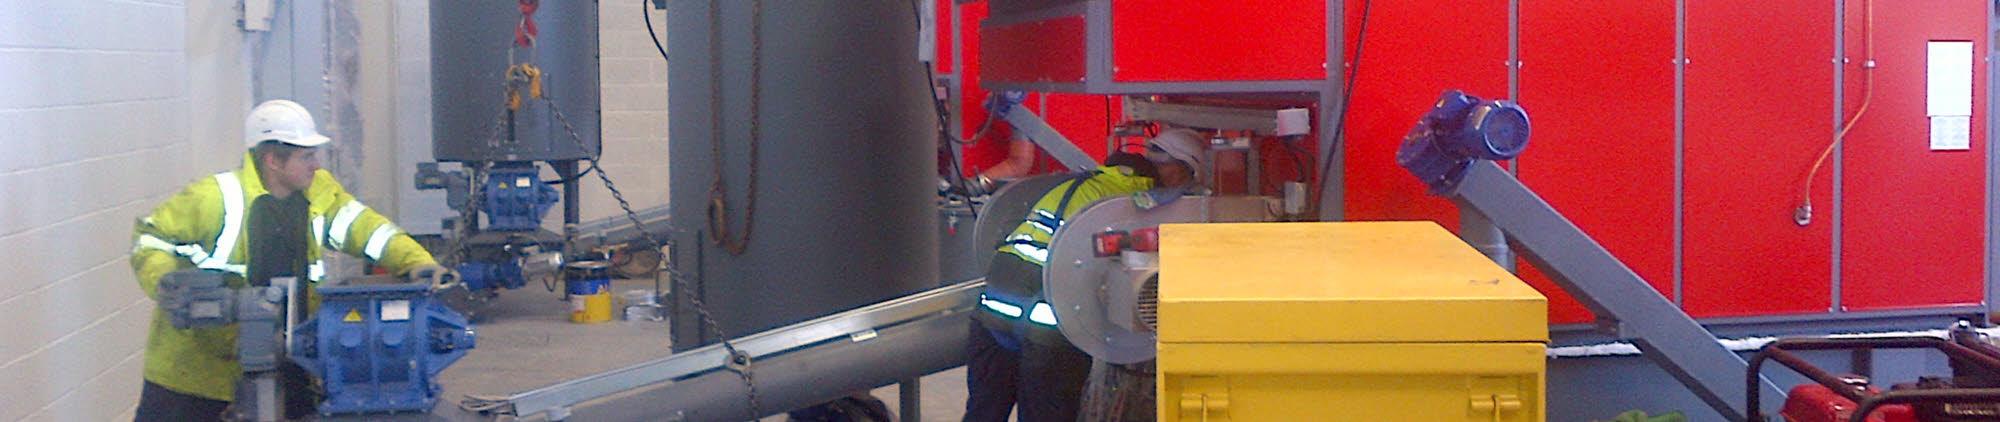 machinery moving lancashire